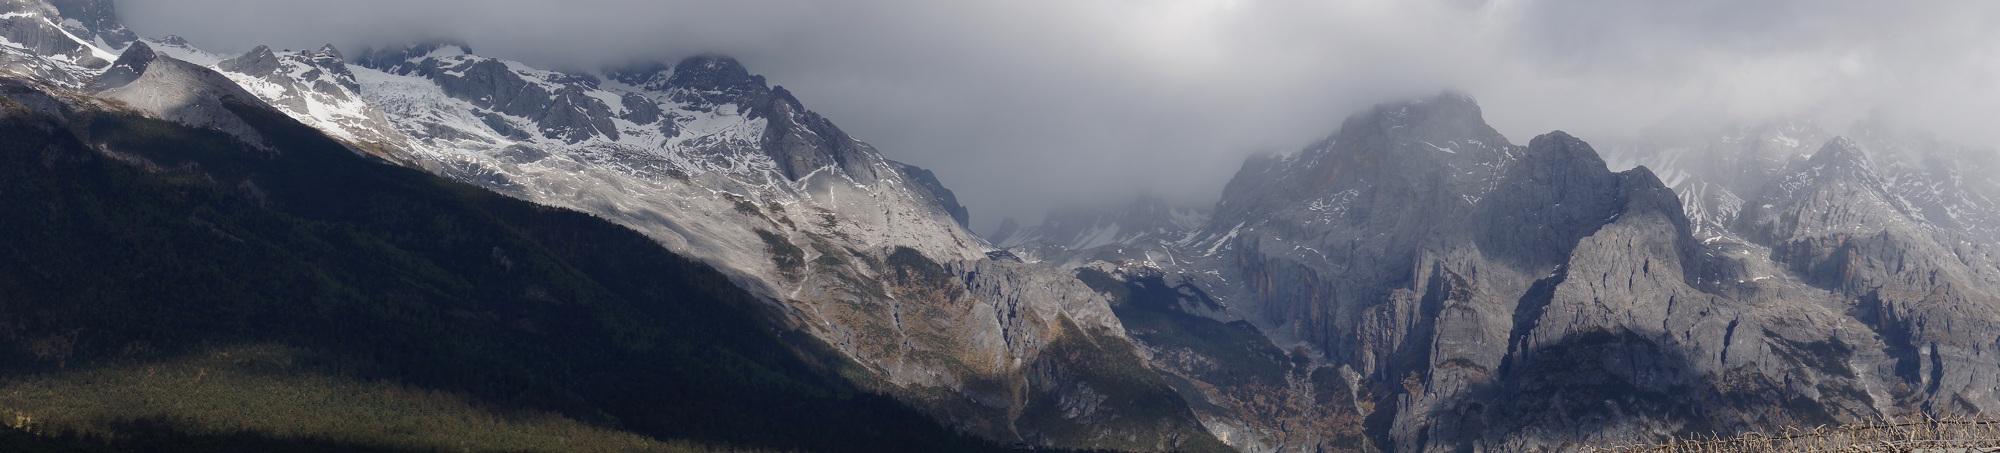 全景拼接六大步骤 多张照片获得超宽视野 61  西征路上——雪山